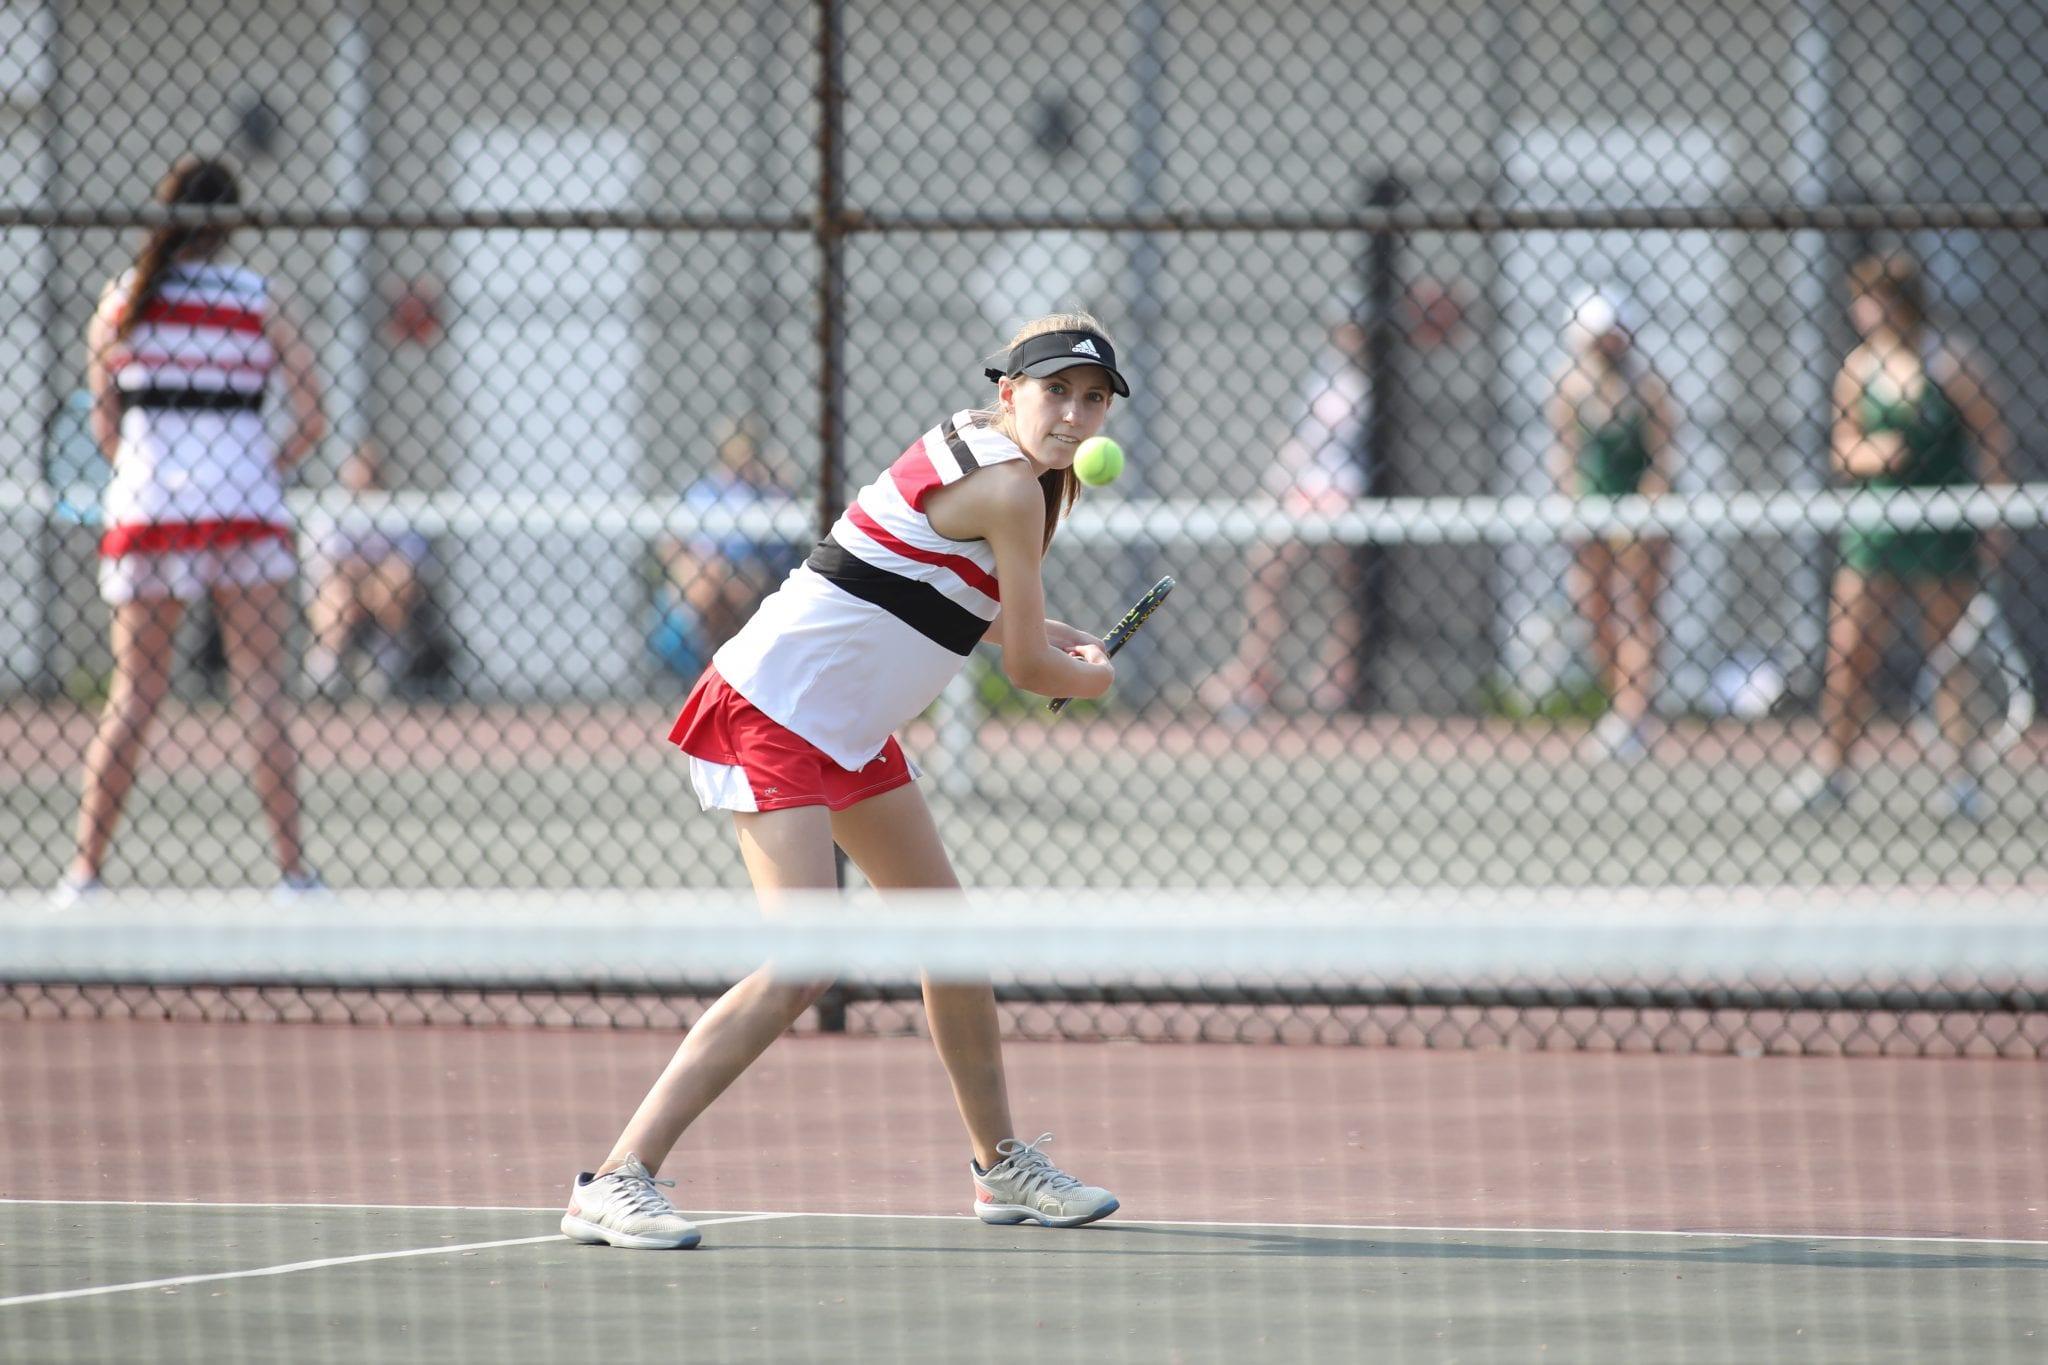 Katelyn Erickson beat her opponent in straight sets.